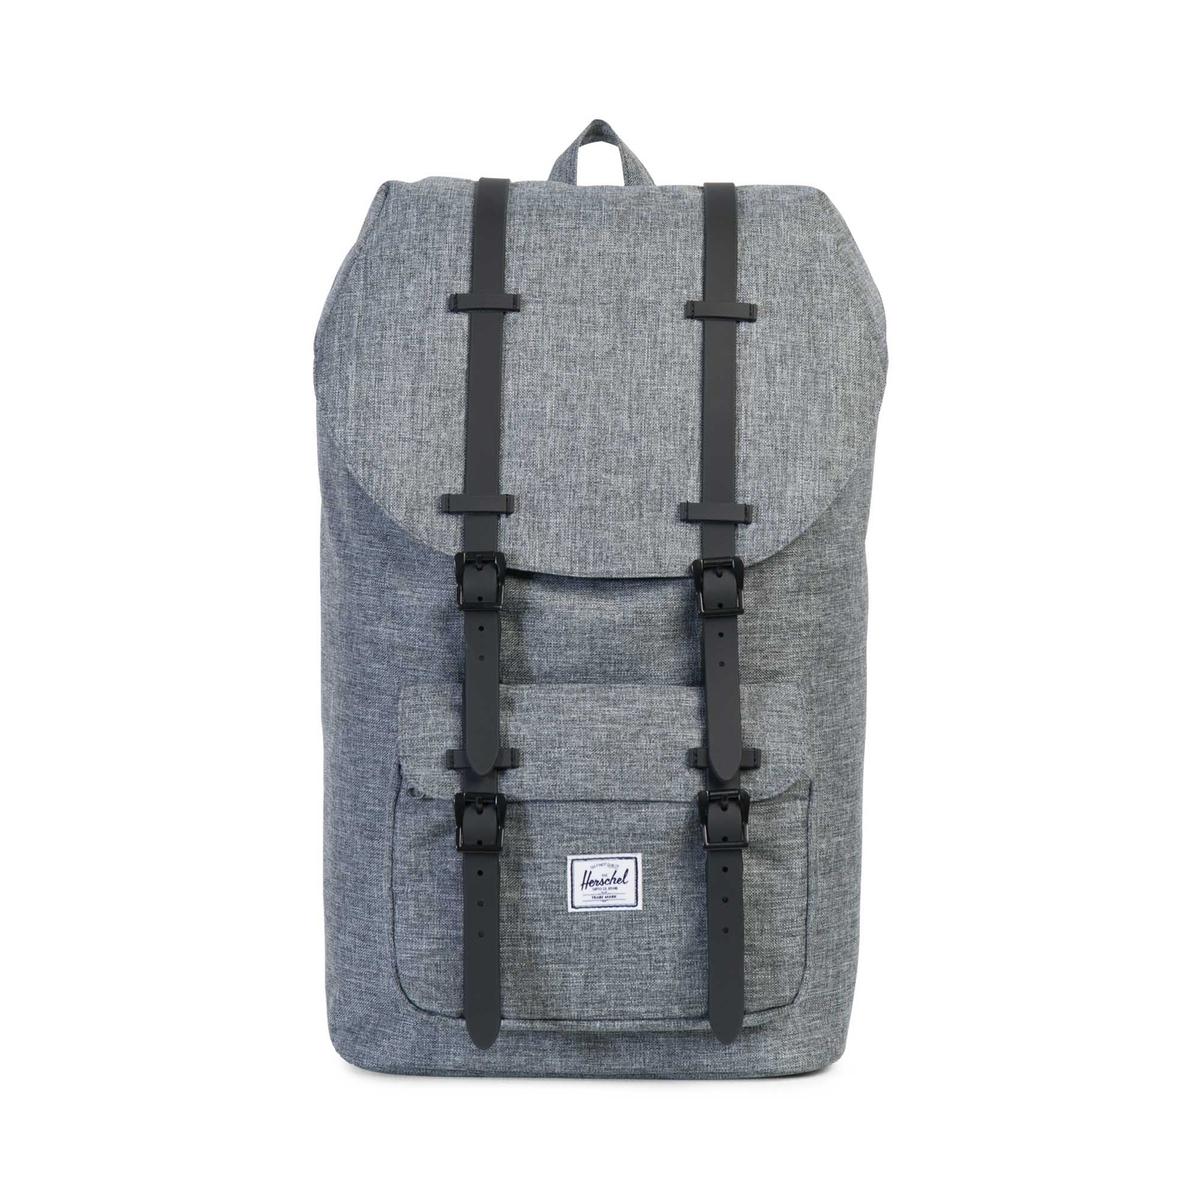 Рюкзак LITTLE AMERICA 25L с карманом для ноутбука от La Redoute